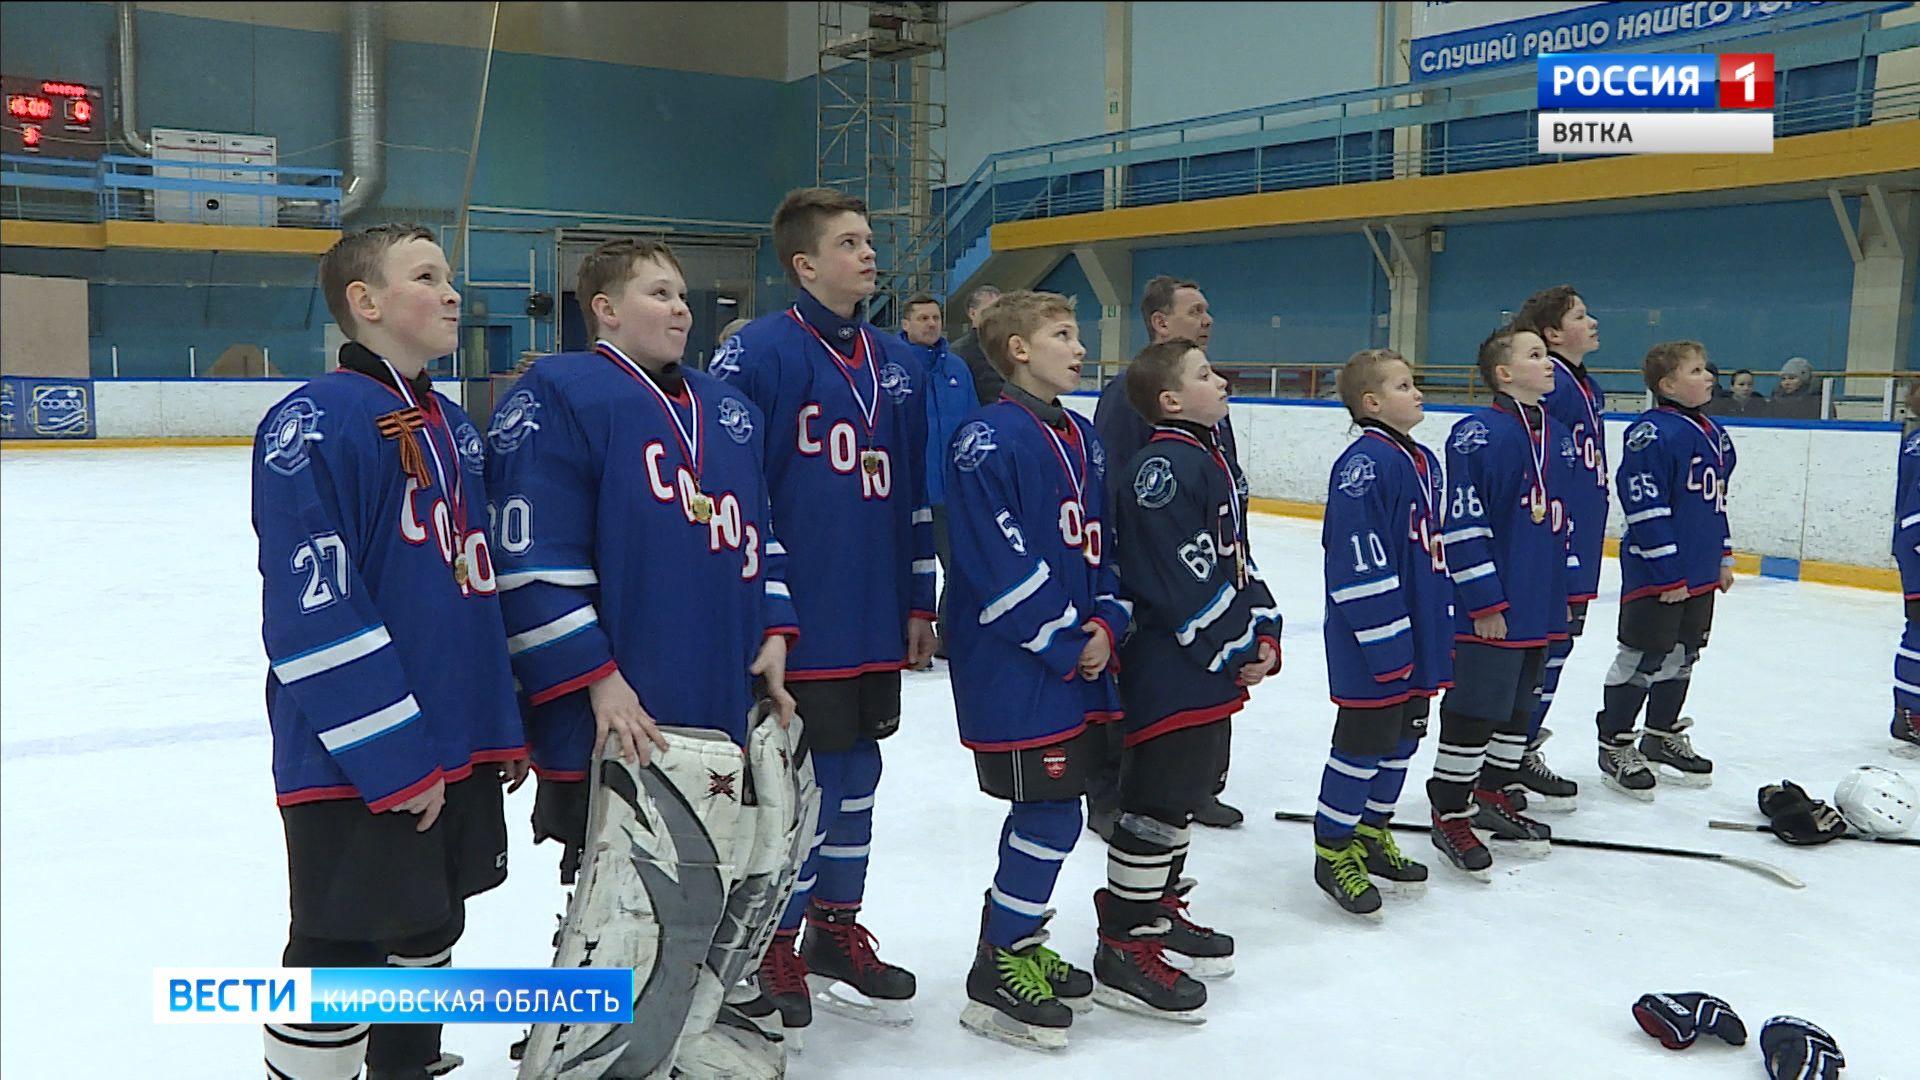 В Кирове состоялся финал регионального этапа Всероссийских соревнований